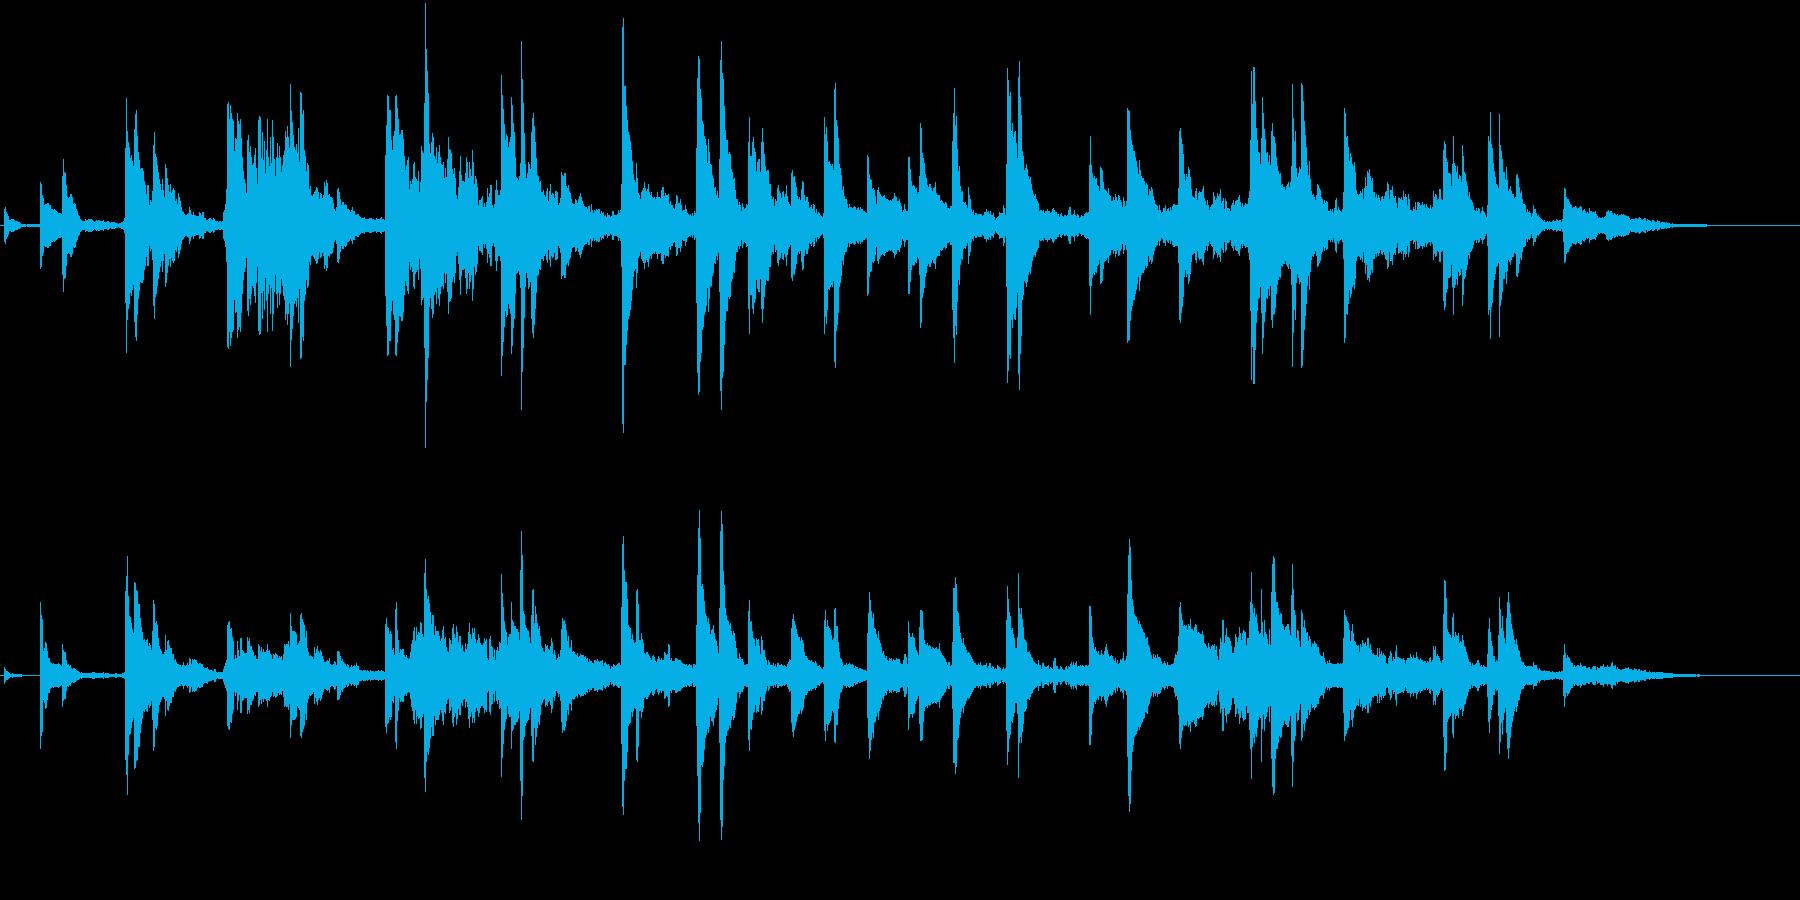 六甲山の夜景の再生済みの波形